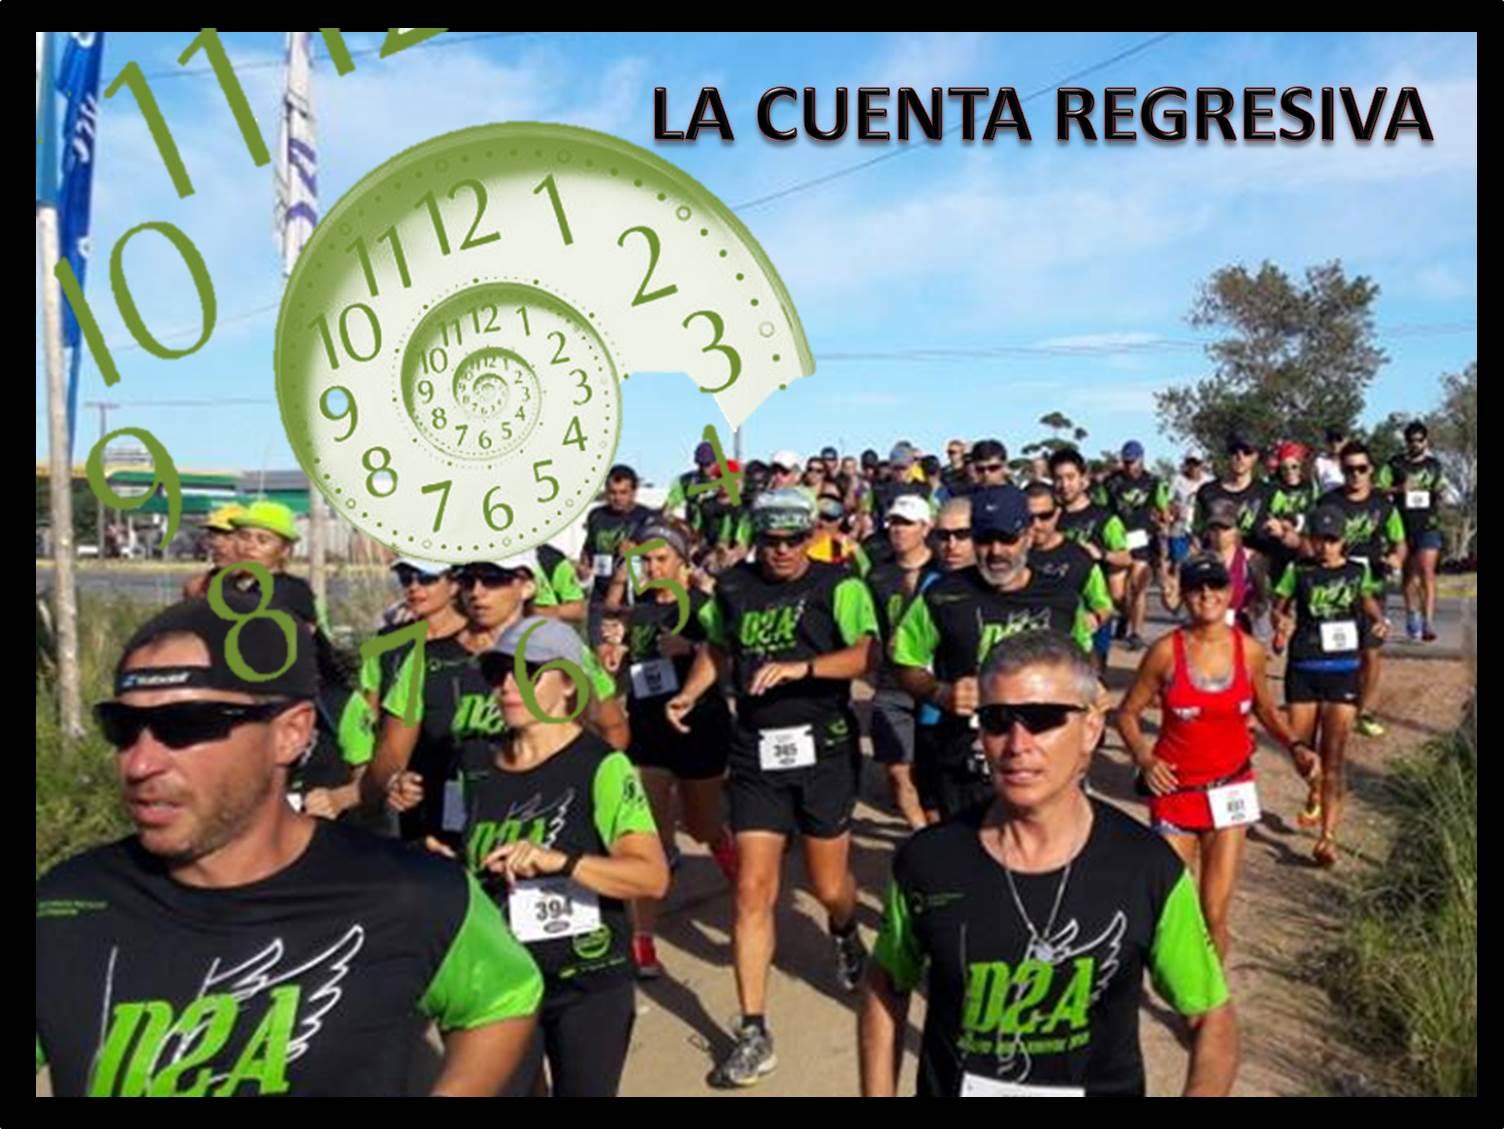 19k y 10k Desafío Dos Arroyos de Halcones (desde Arroyo Carrasco a Arroyo Pando, 2019)